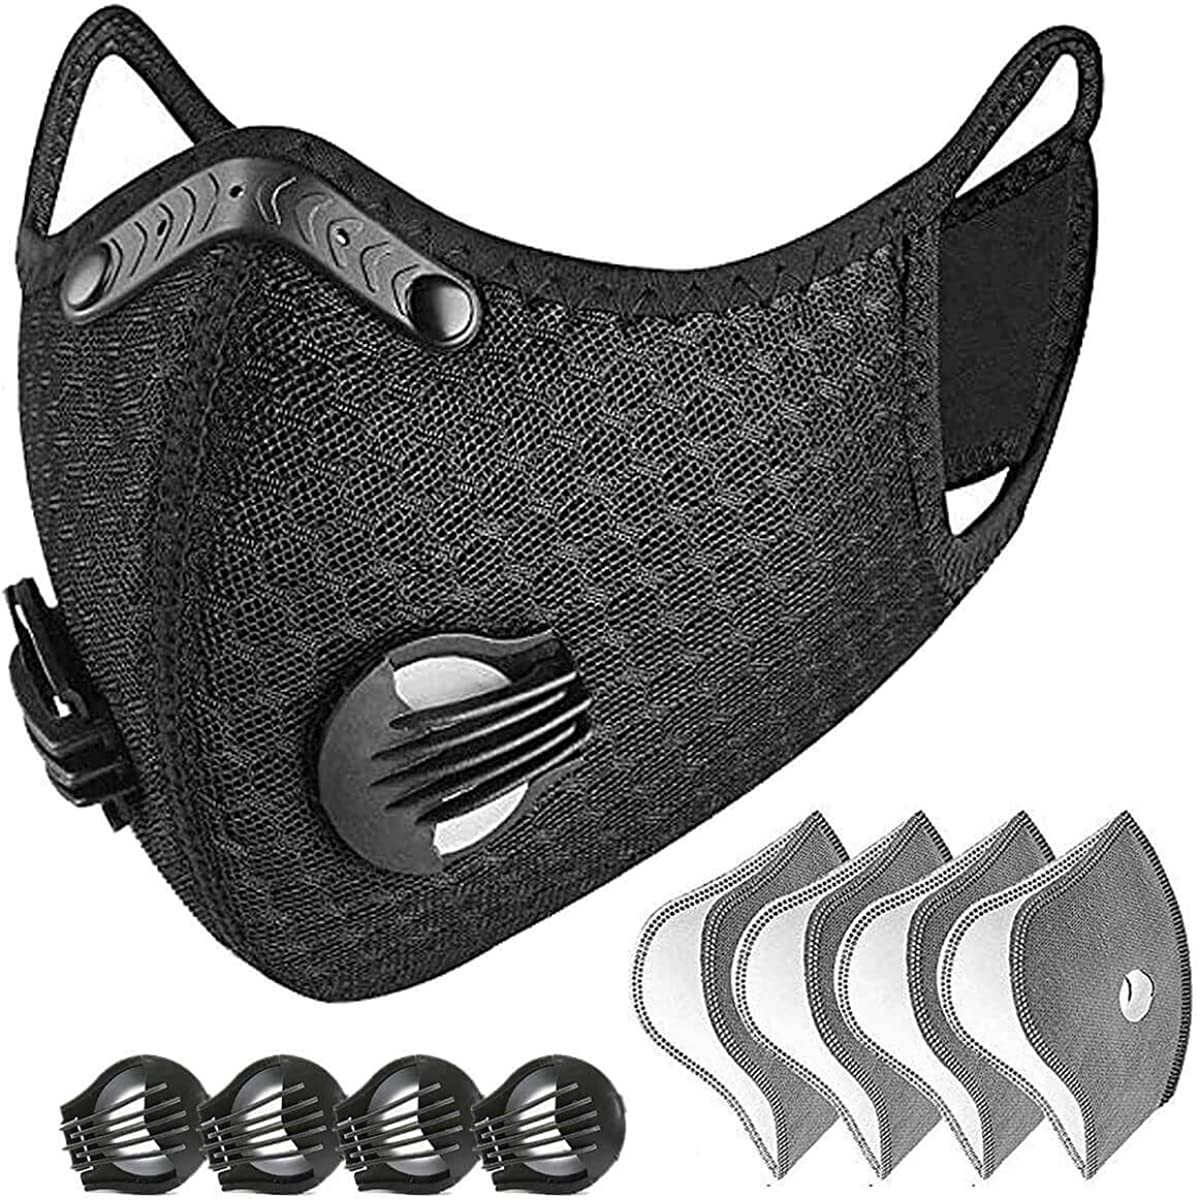 # H30 poussière avec 4 filtres 4 soupapes d'échappement demi-visage réutilisable étanche à la poussière respirateur vélo masque cyclisme masque respiratoire